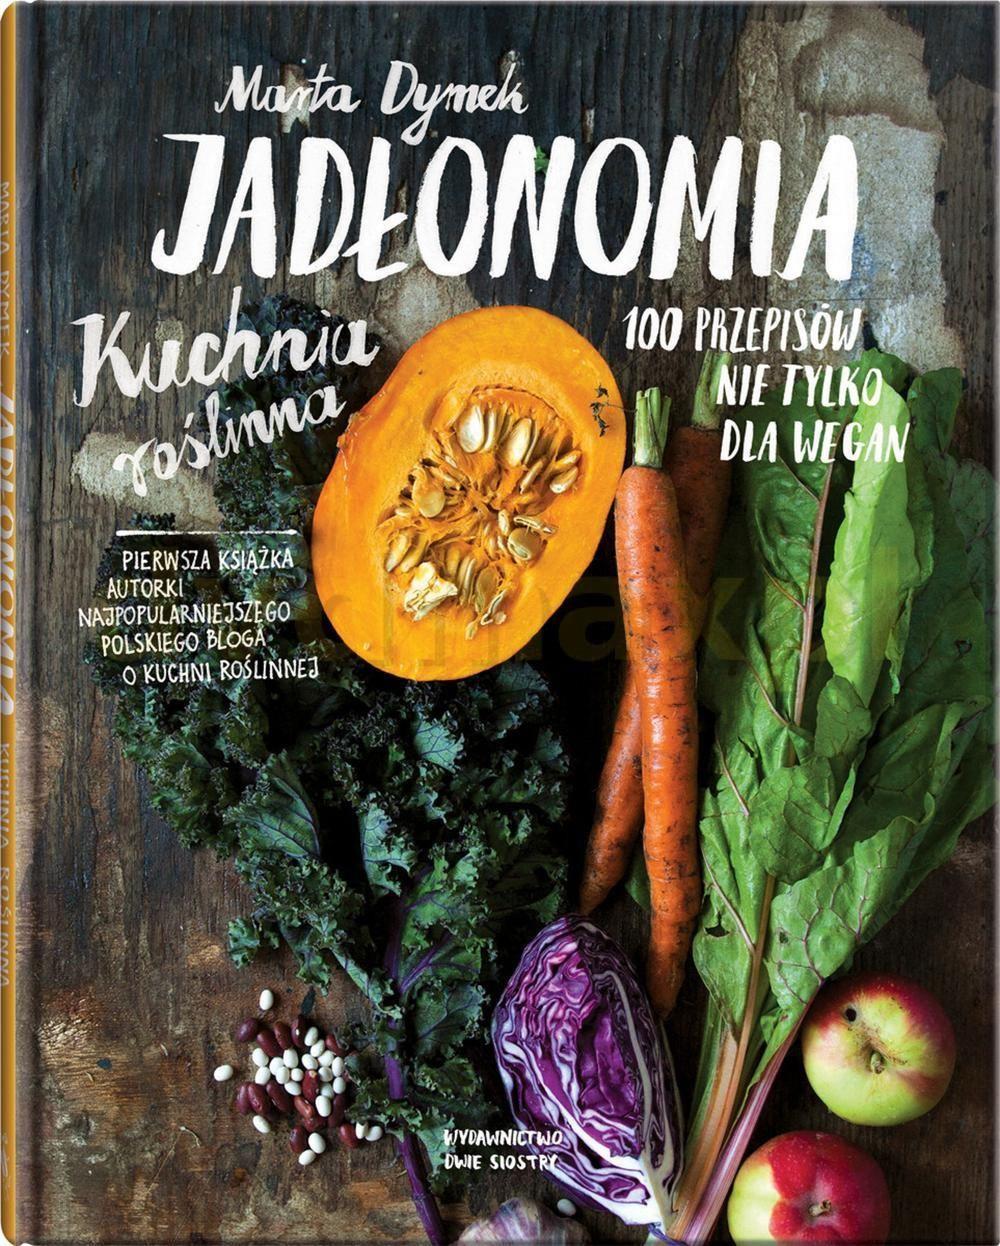 Jadłonomia Kuchnia Roślinna 100 Przepisów Nie Tylko Dla Wegan Marta Dymek